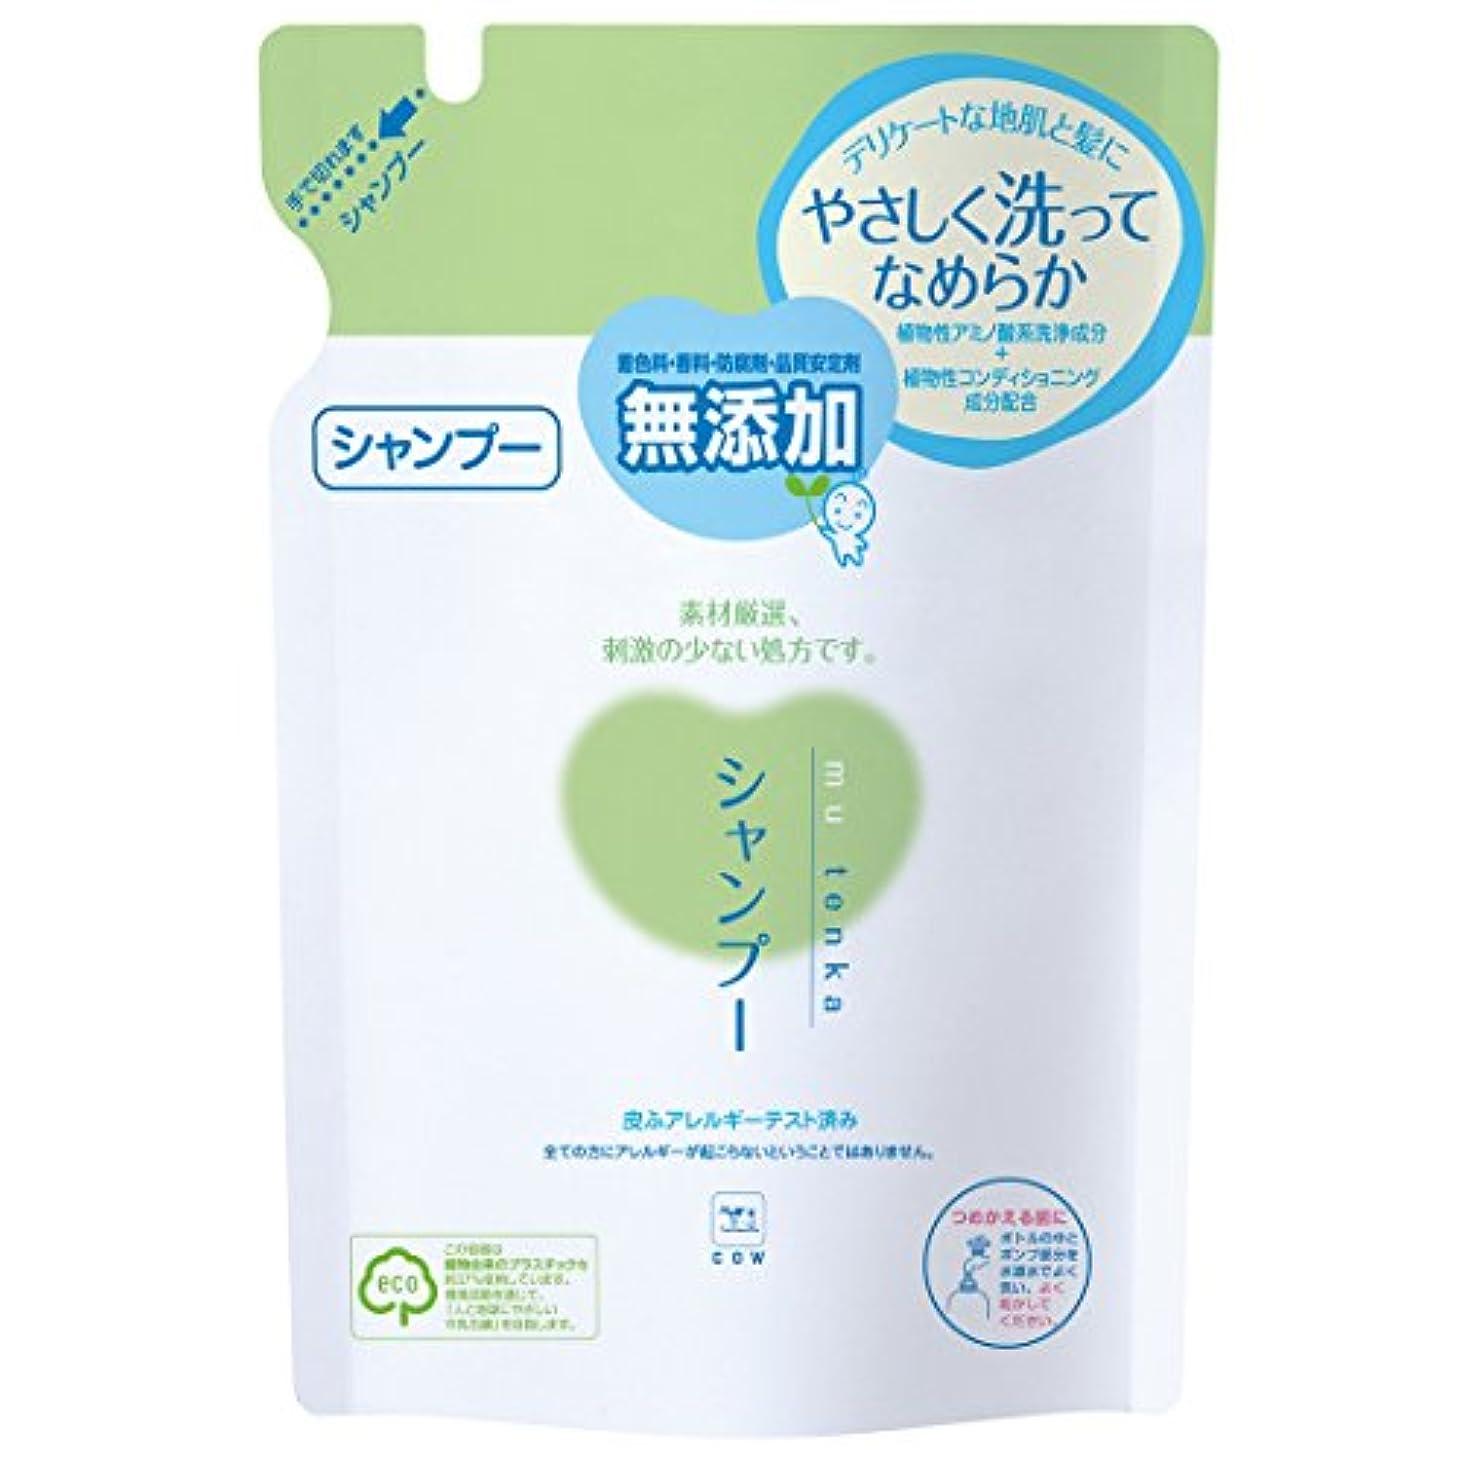 アレルギー是正精緻化カウブランド 無添加シャンプー詰替え 400ml